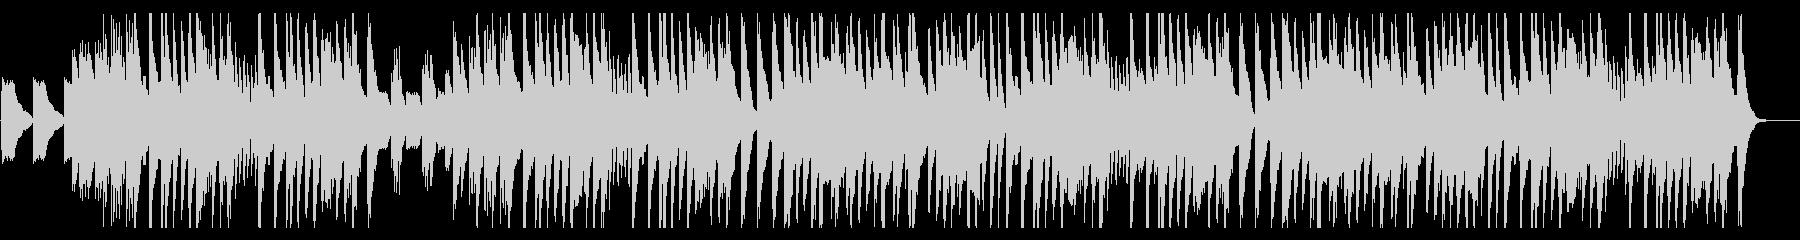 結婚行進曲/メンデルスゾーン ピアノソロの未再生の波形